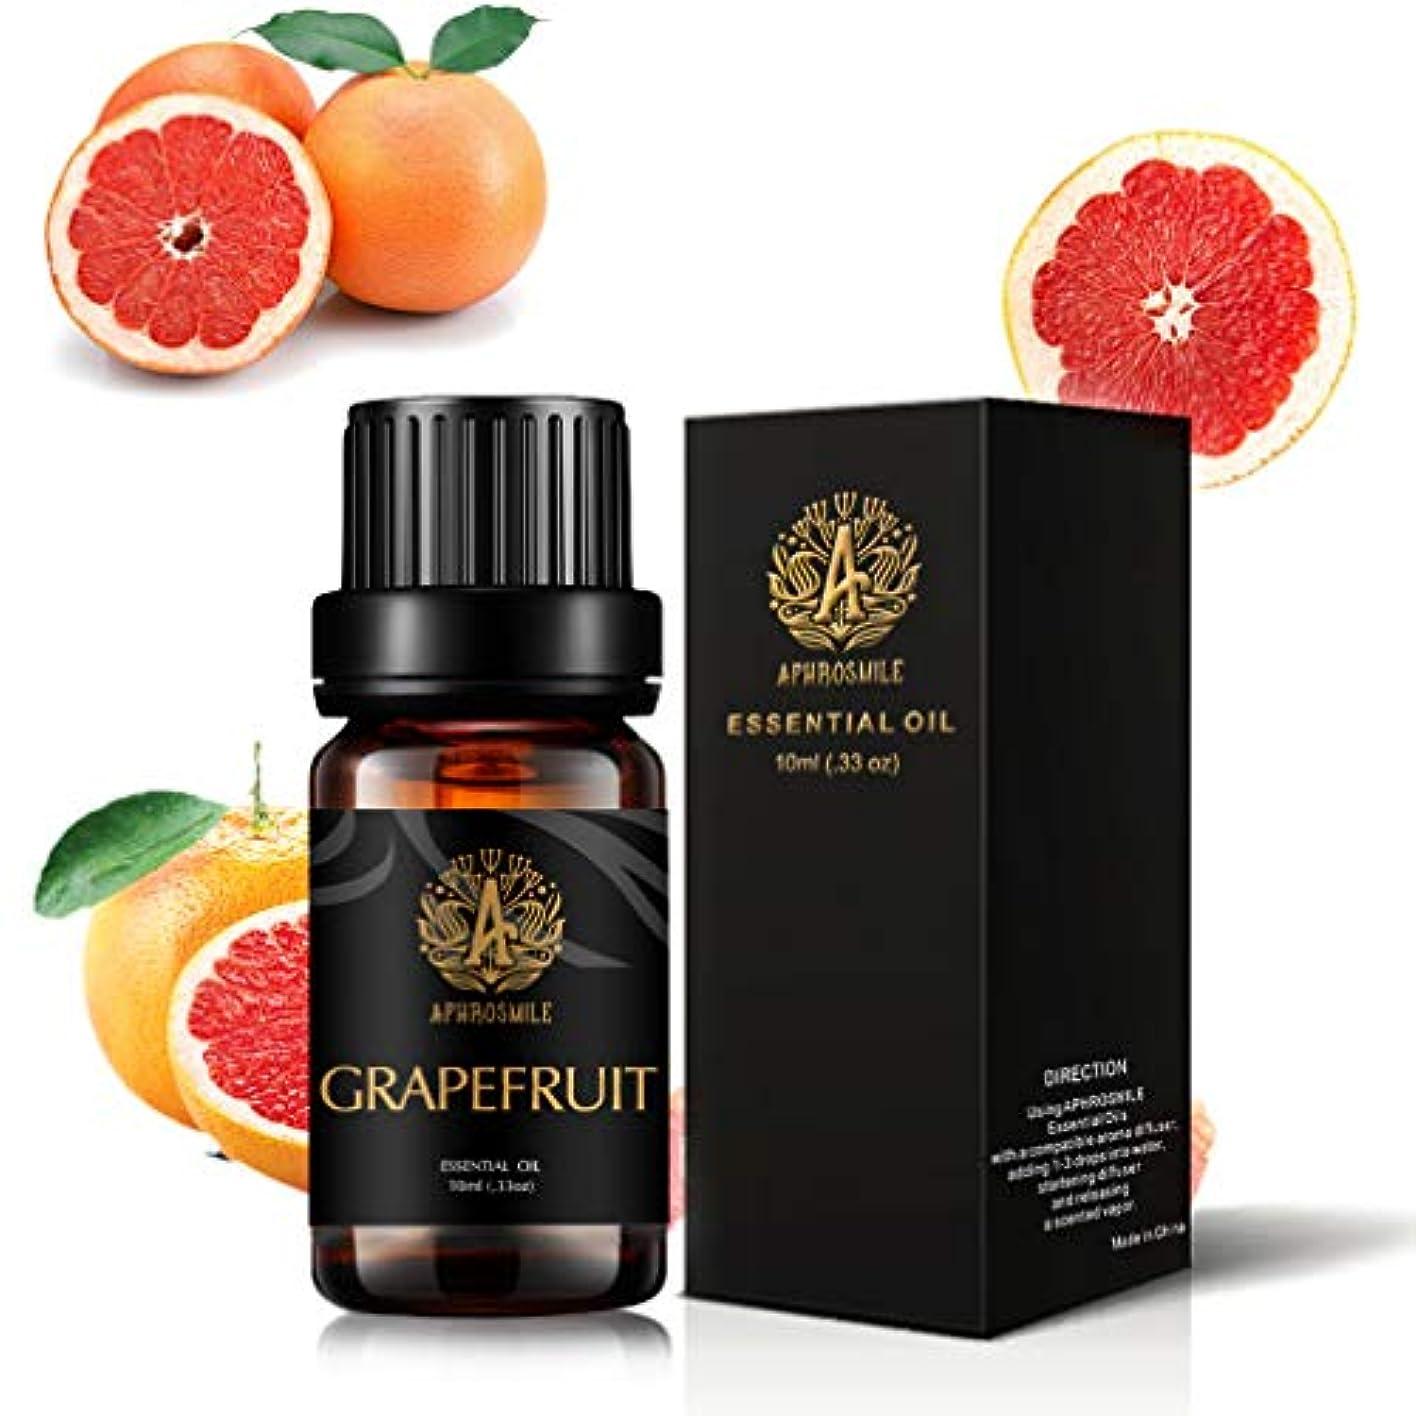 切る幾何学癌アロマテラピーグレープフルーツエッセンシャルオイル、100%ピュアグレープフルーツエッセンシャルオイルの香り、治療グレードグレープフルーツエッセンシャルオイルの香り、加湿器ディフューザーファミリーマッサージ用0.33oz-10ml